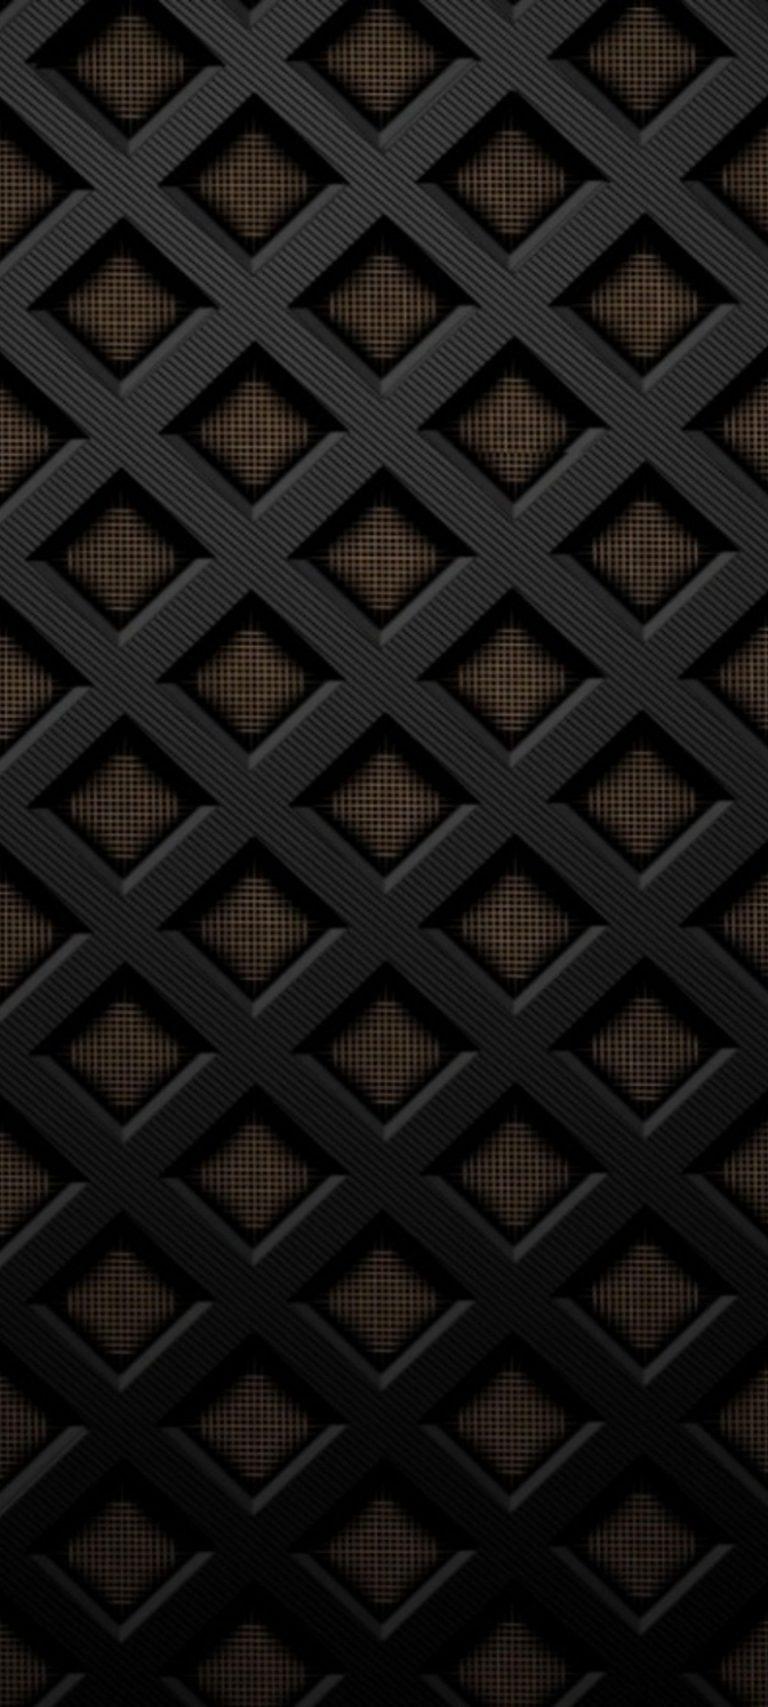 1440x3200 HD Wallpaper 110 768x1707 - 1440x3200 HD Wallpaper - 110